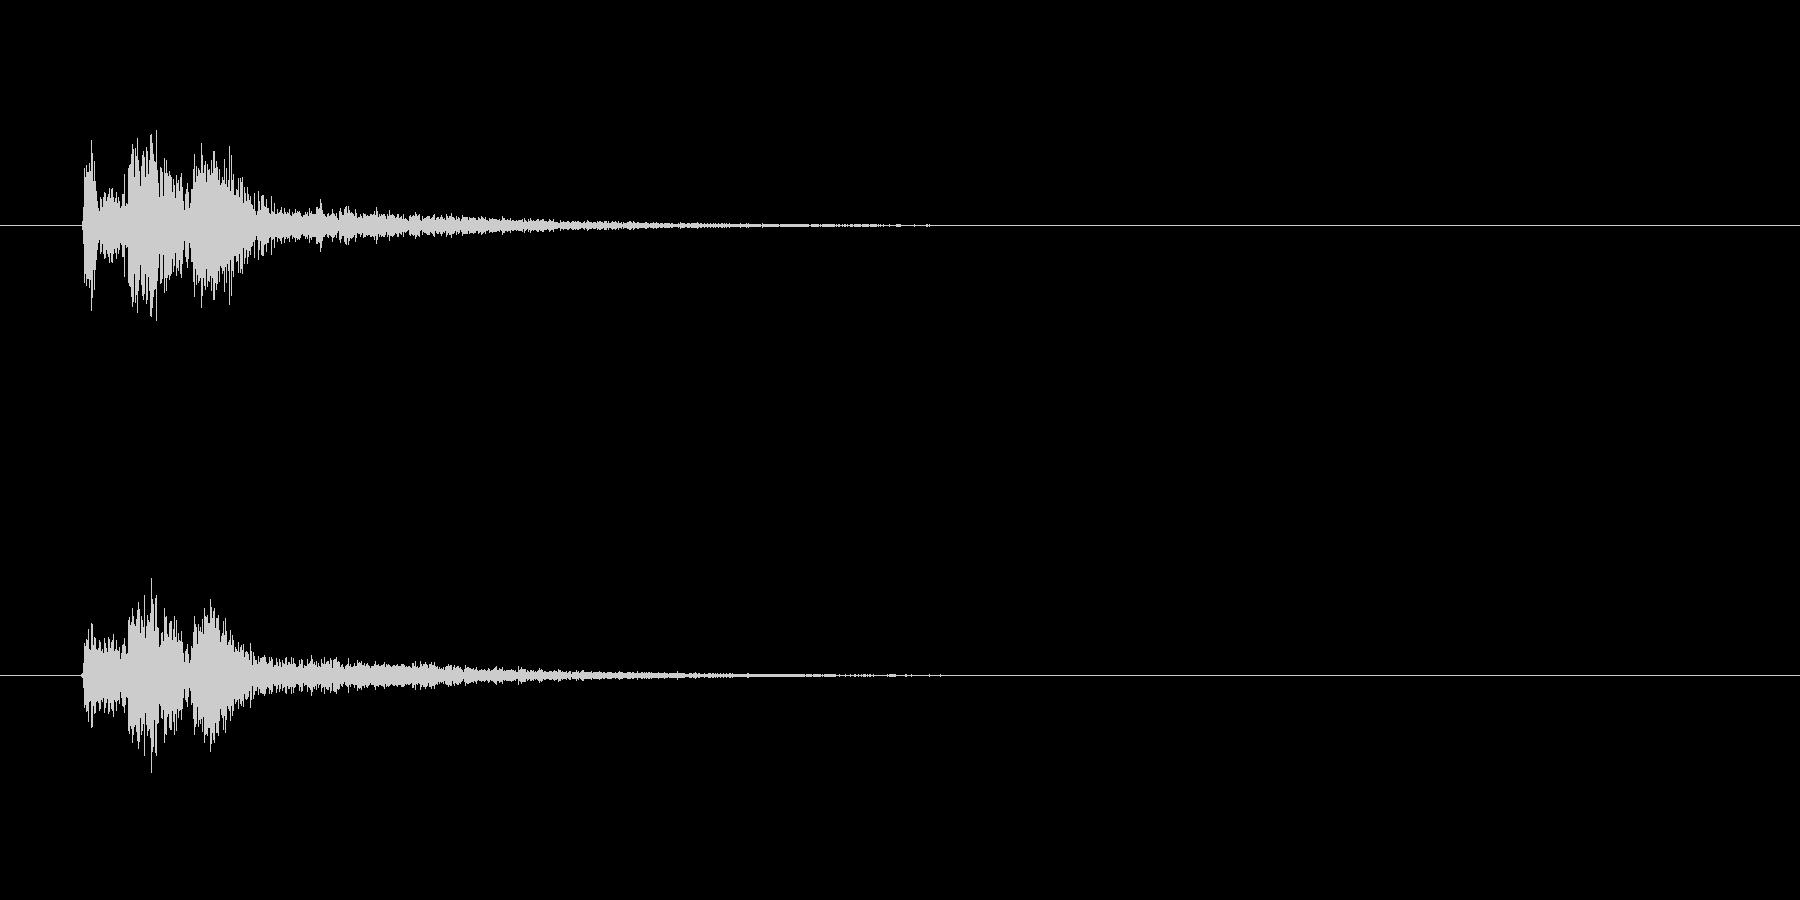 【スポットライト03-1】の未再生の波形